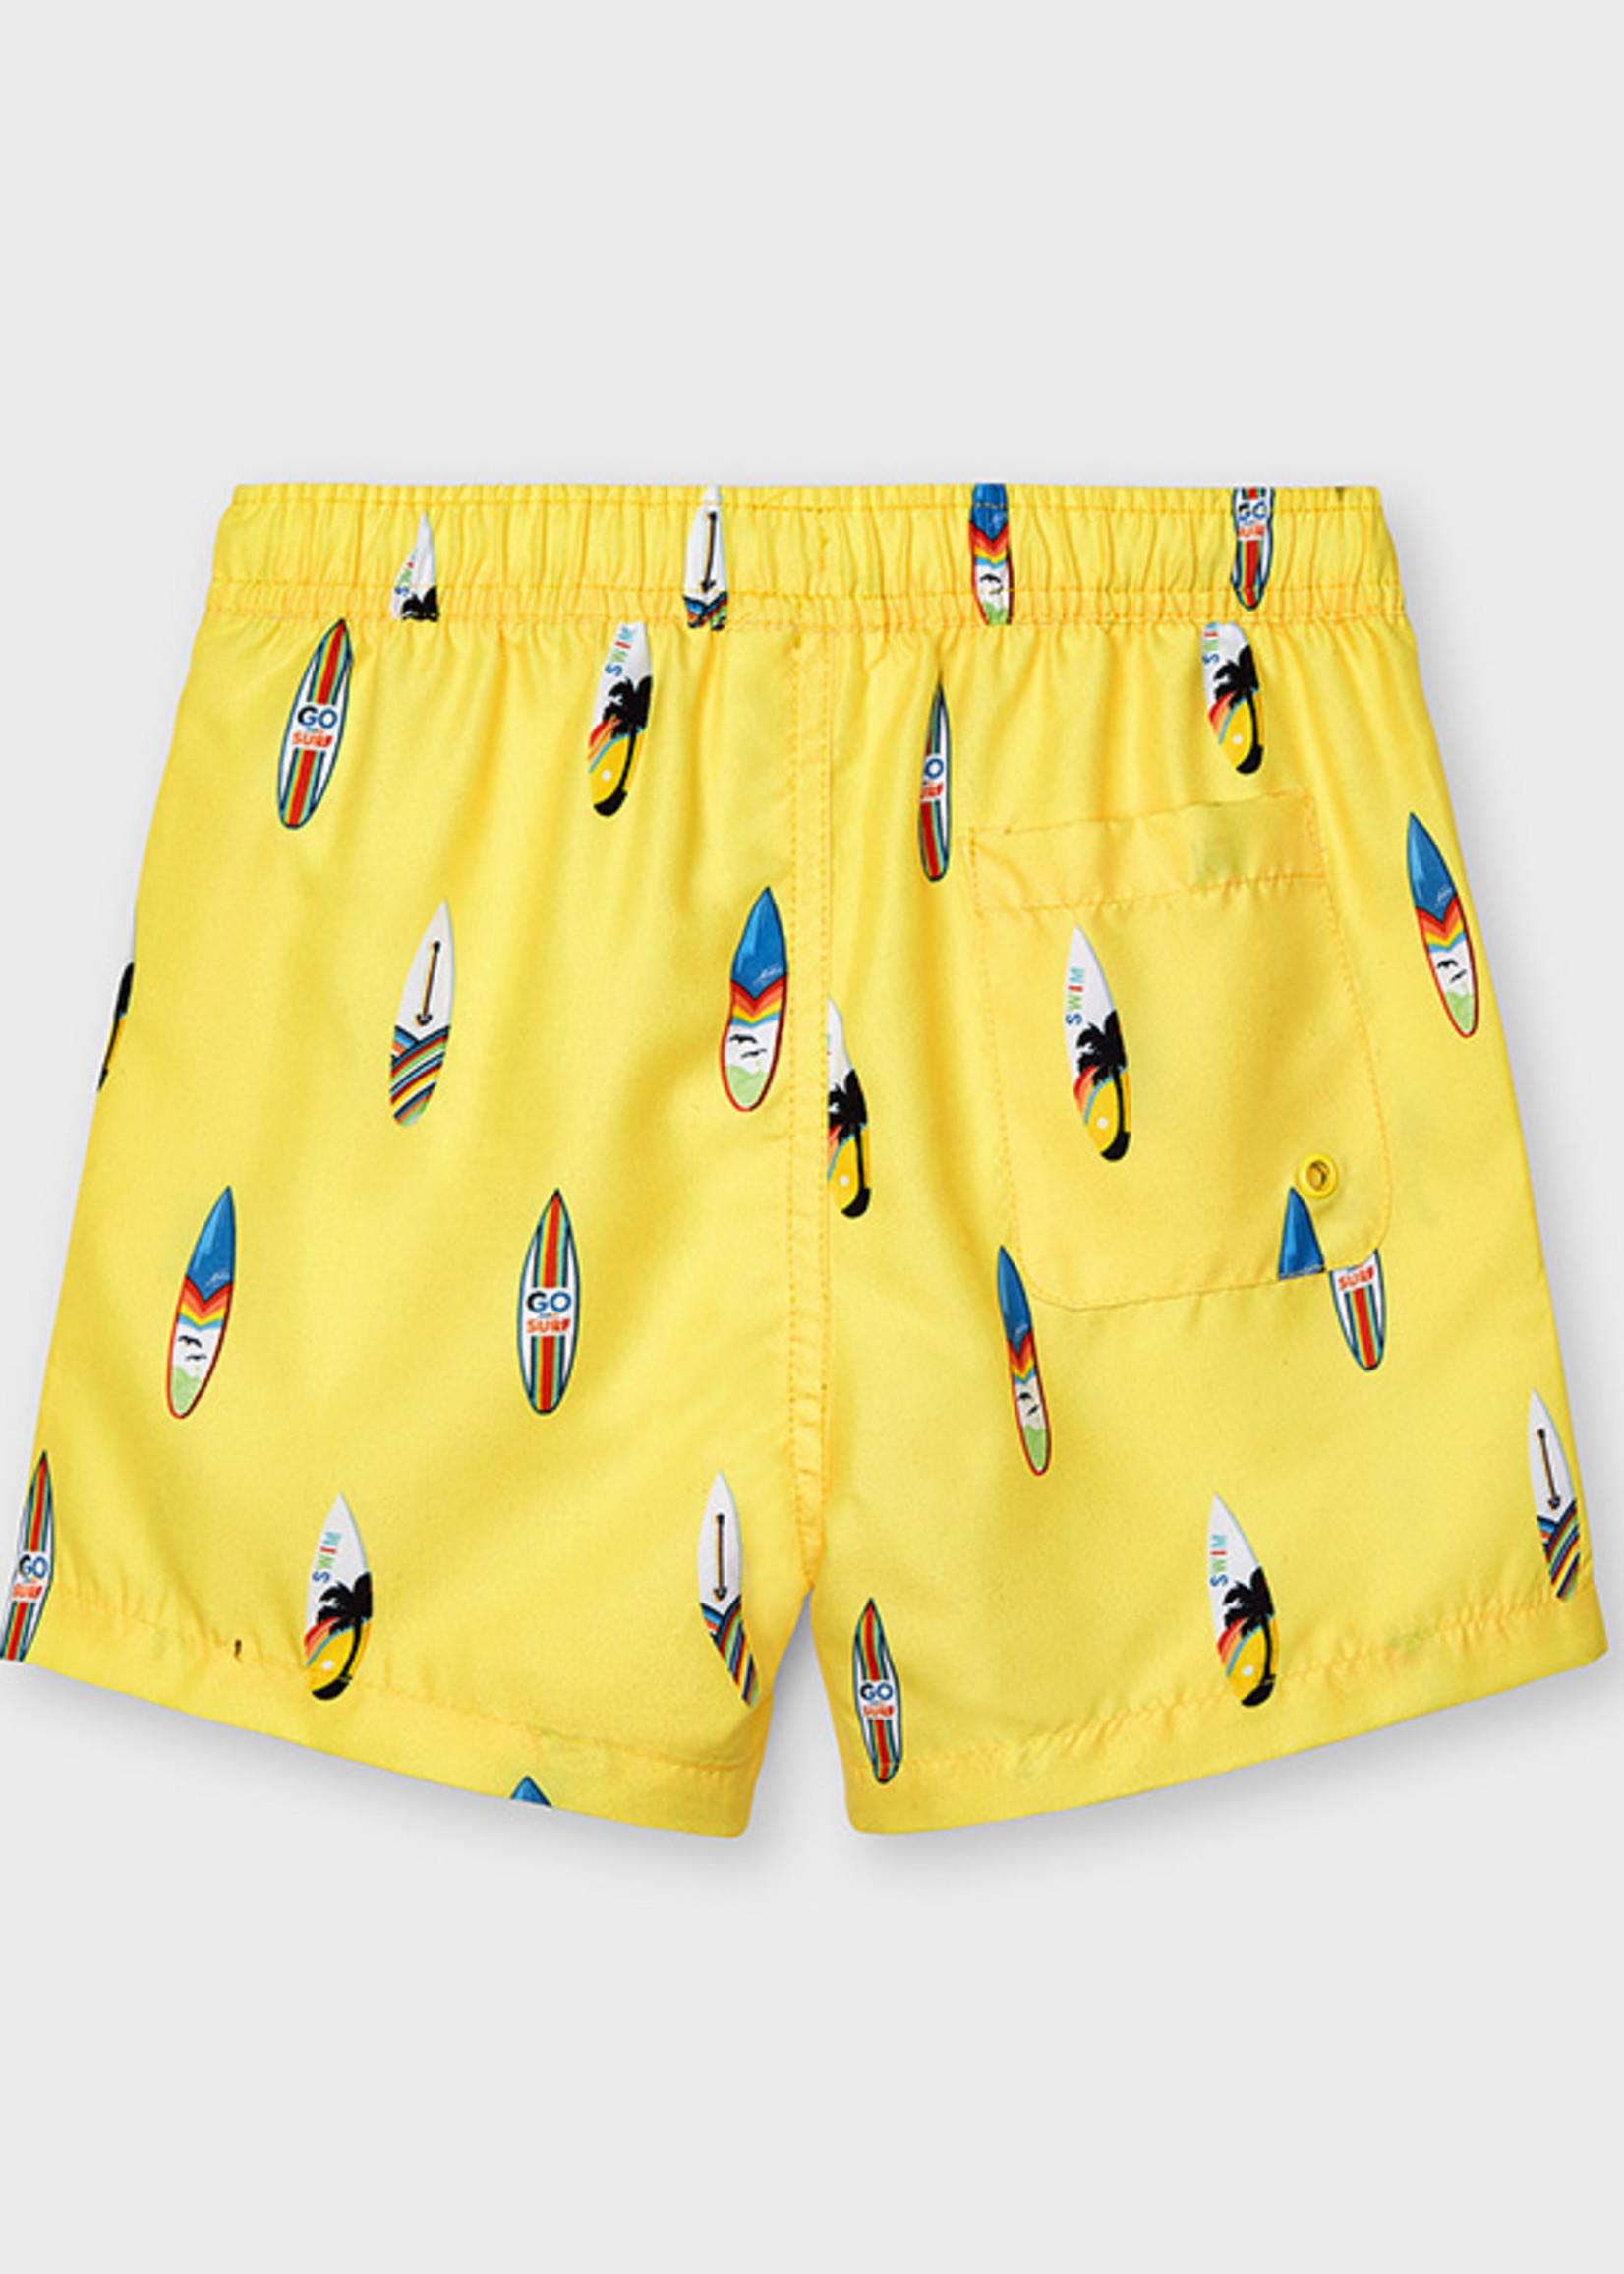 Mayoral Mayoral bathing suit shorts banana